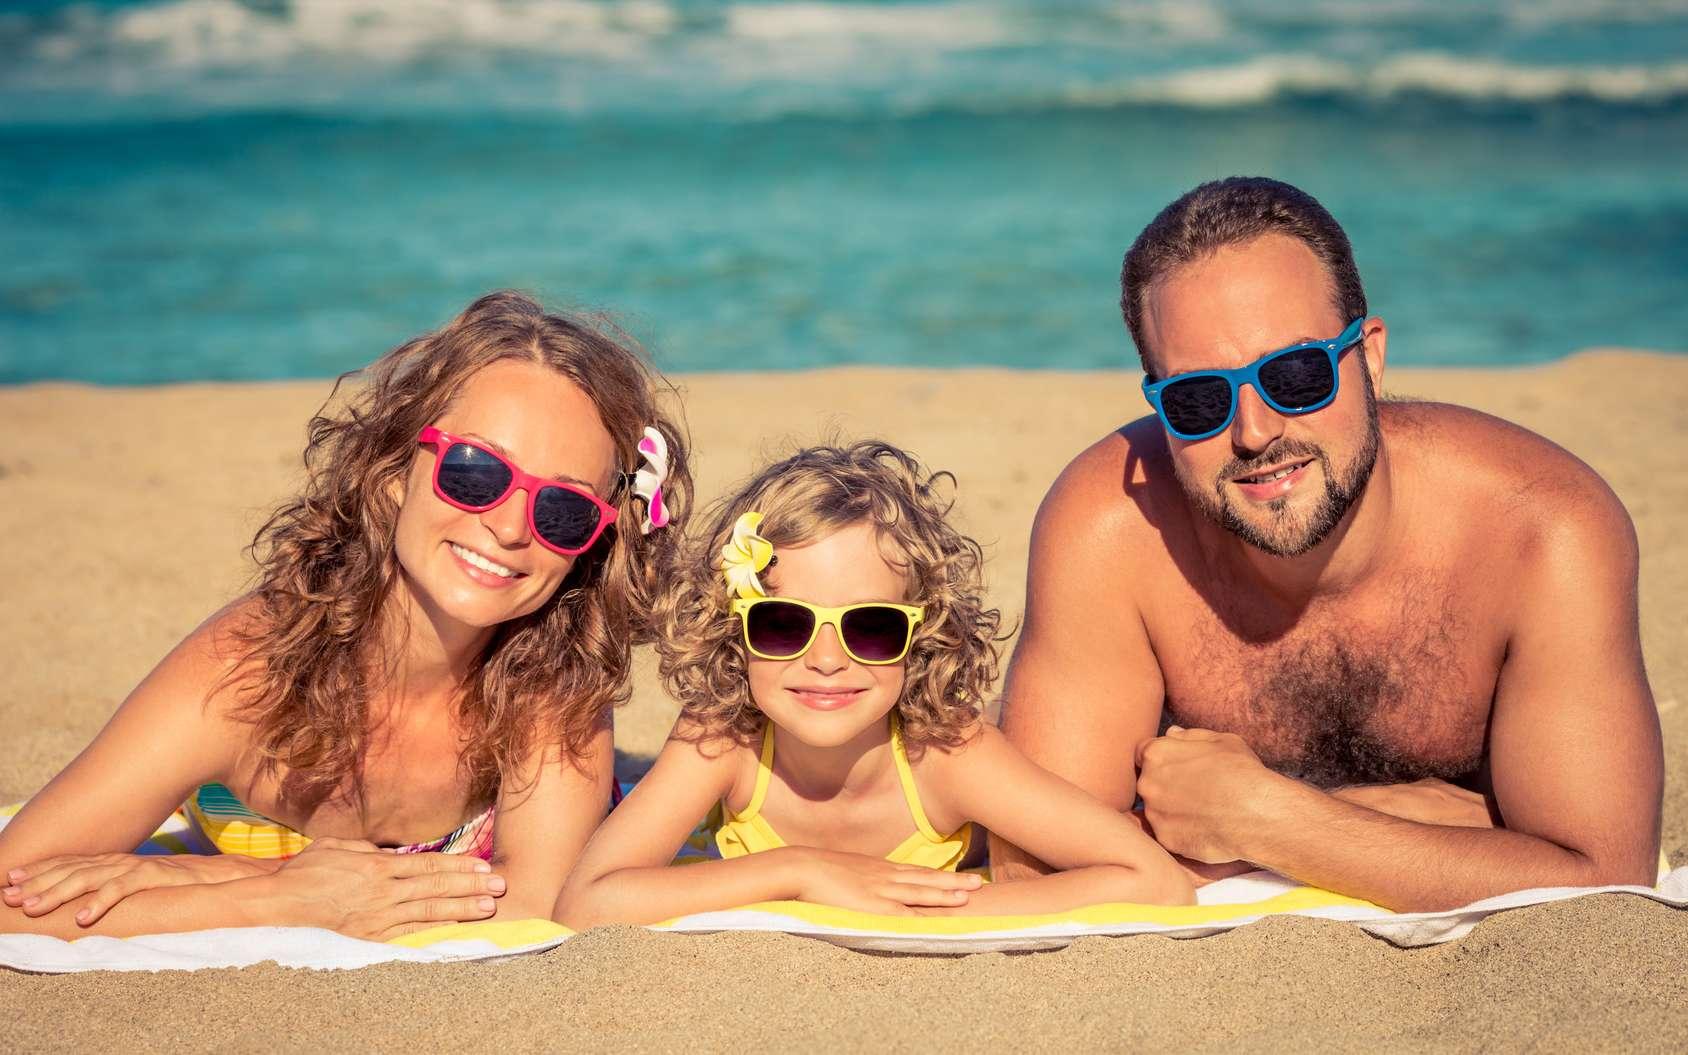 Le bronzage correspond à un mécanisme de défense de notre peau face aux agressions du soleil. © Sunny studio, Fotolia